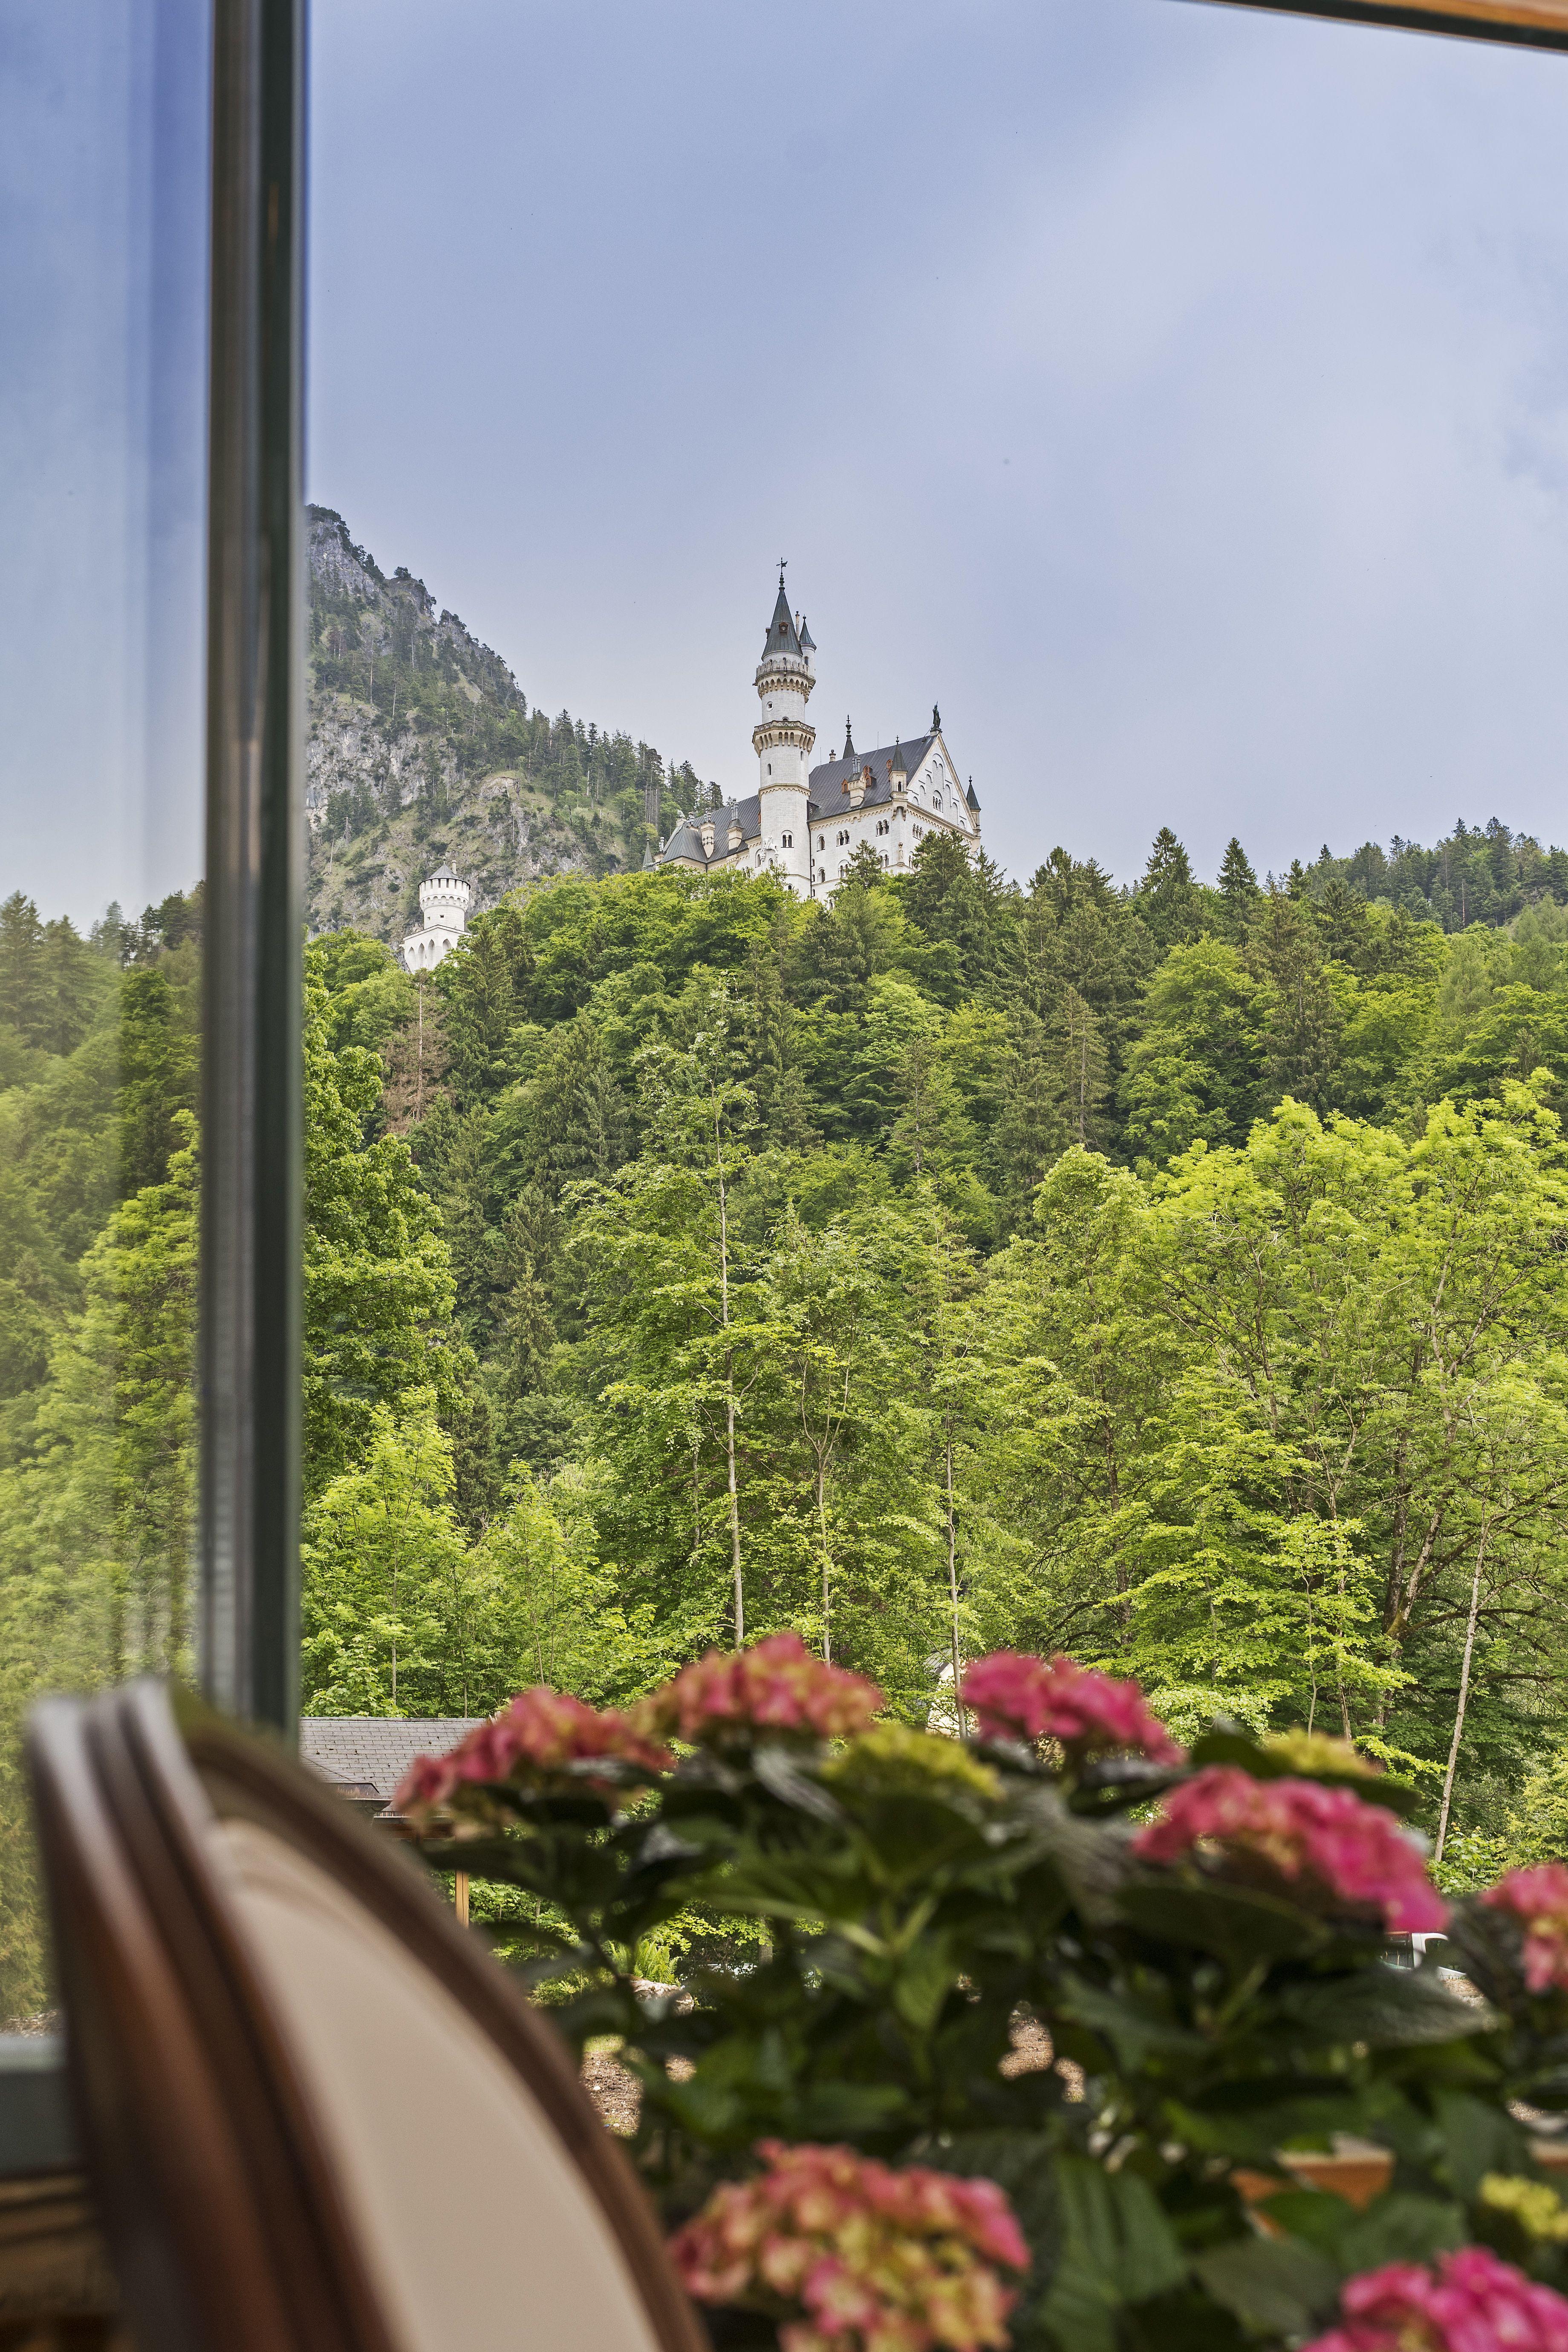 Auf Der Terrasse Unseres Chalet Und In Dessen Grossen Garten Befinden Sie Sich Am Fuss Des Schlosses Neuschwanstein Und Konnen Den Herrlichen Ausblick G Chalet